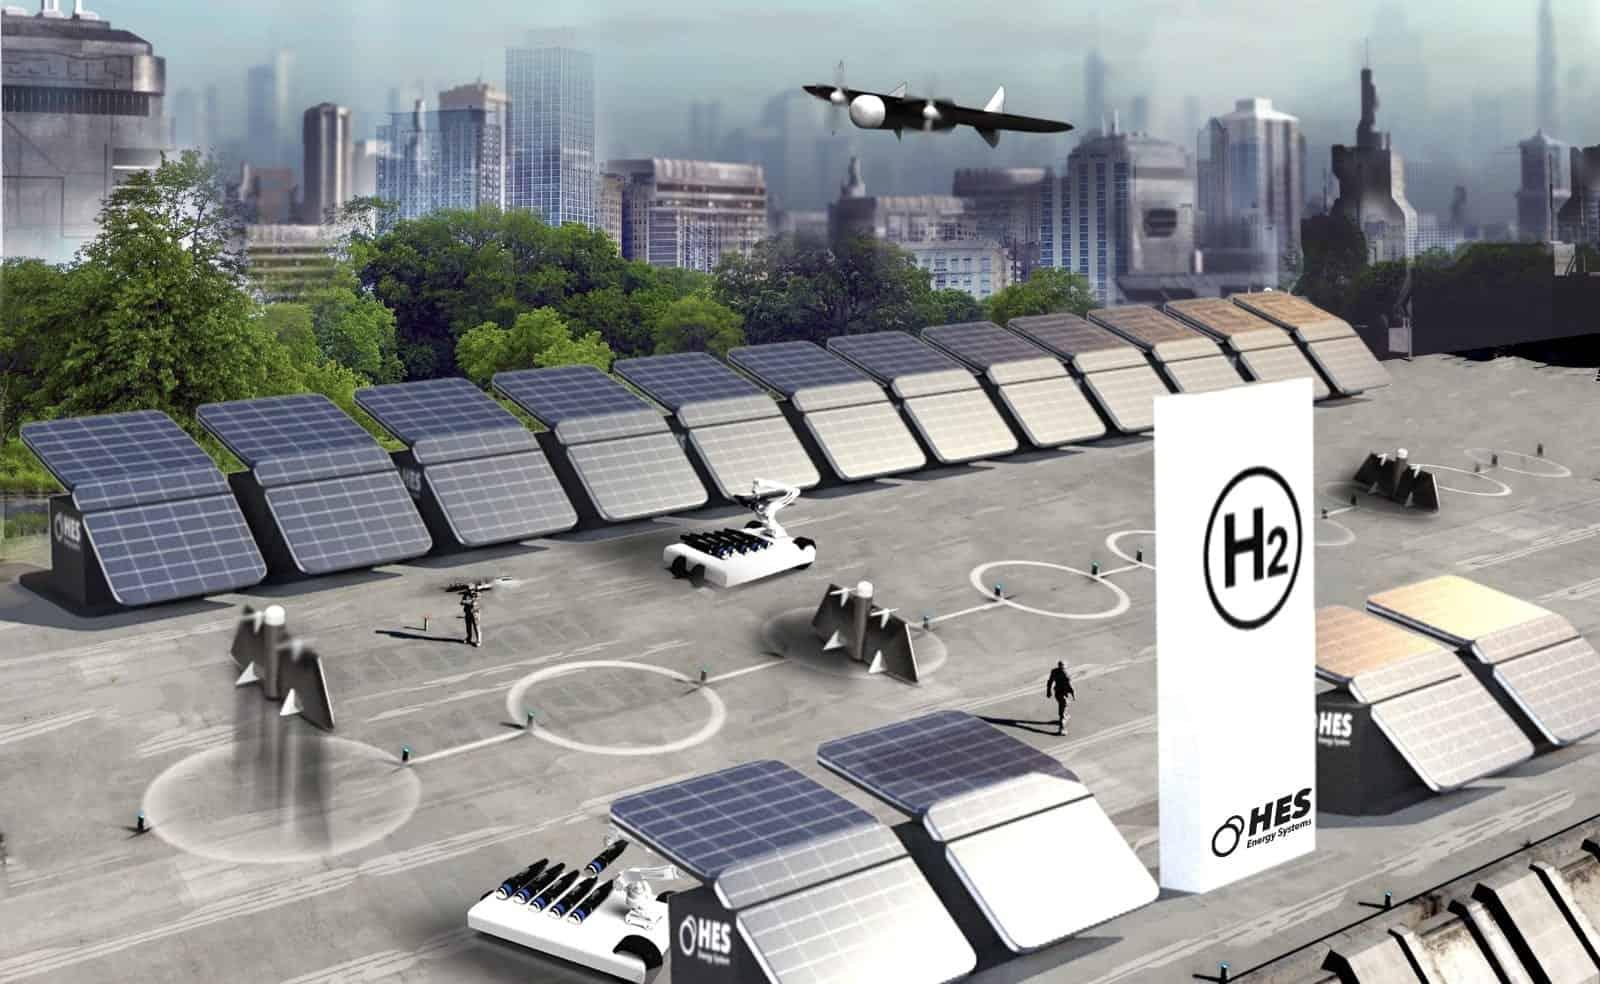 Hydrogen drone base